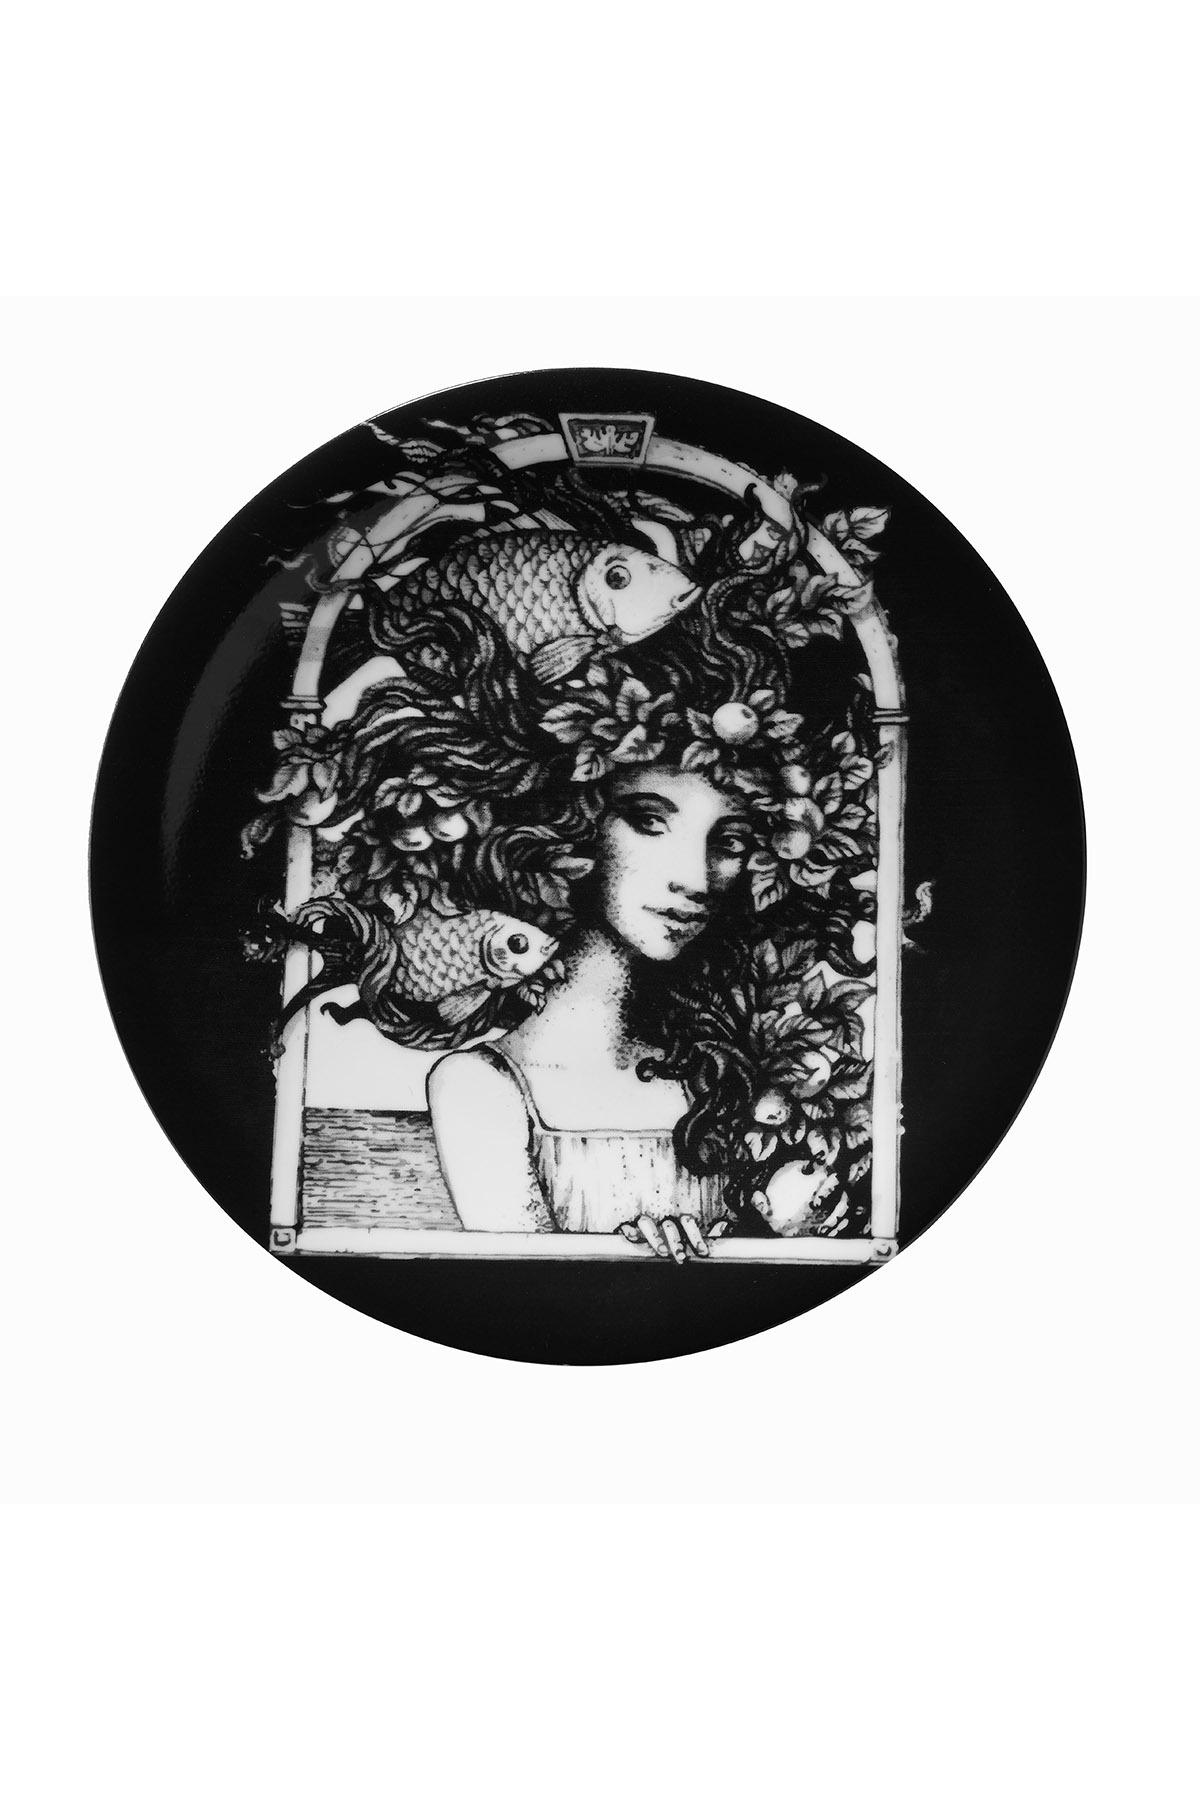 Kütahya Porselen - Kütahya Porselen Kadınlarım Serisi 25 cm Servis Tabağı 885177